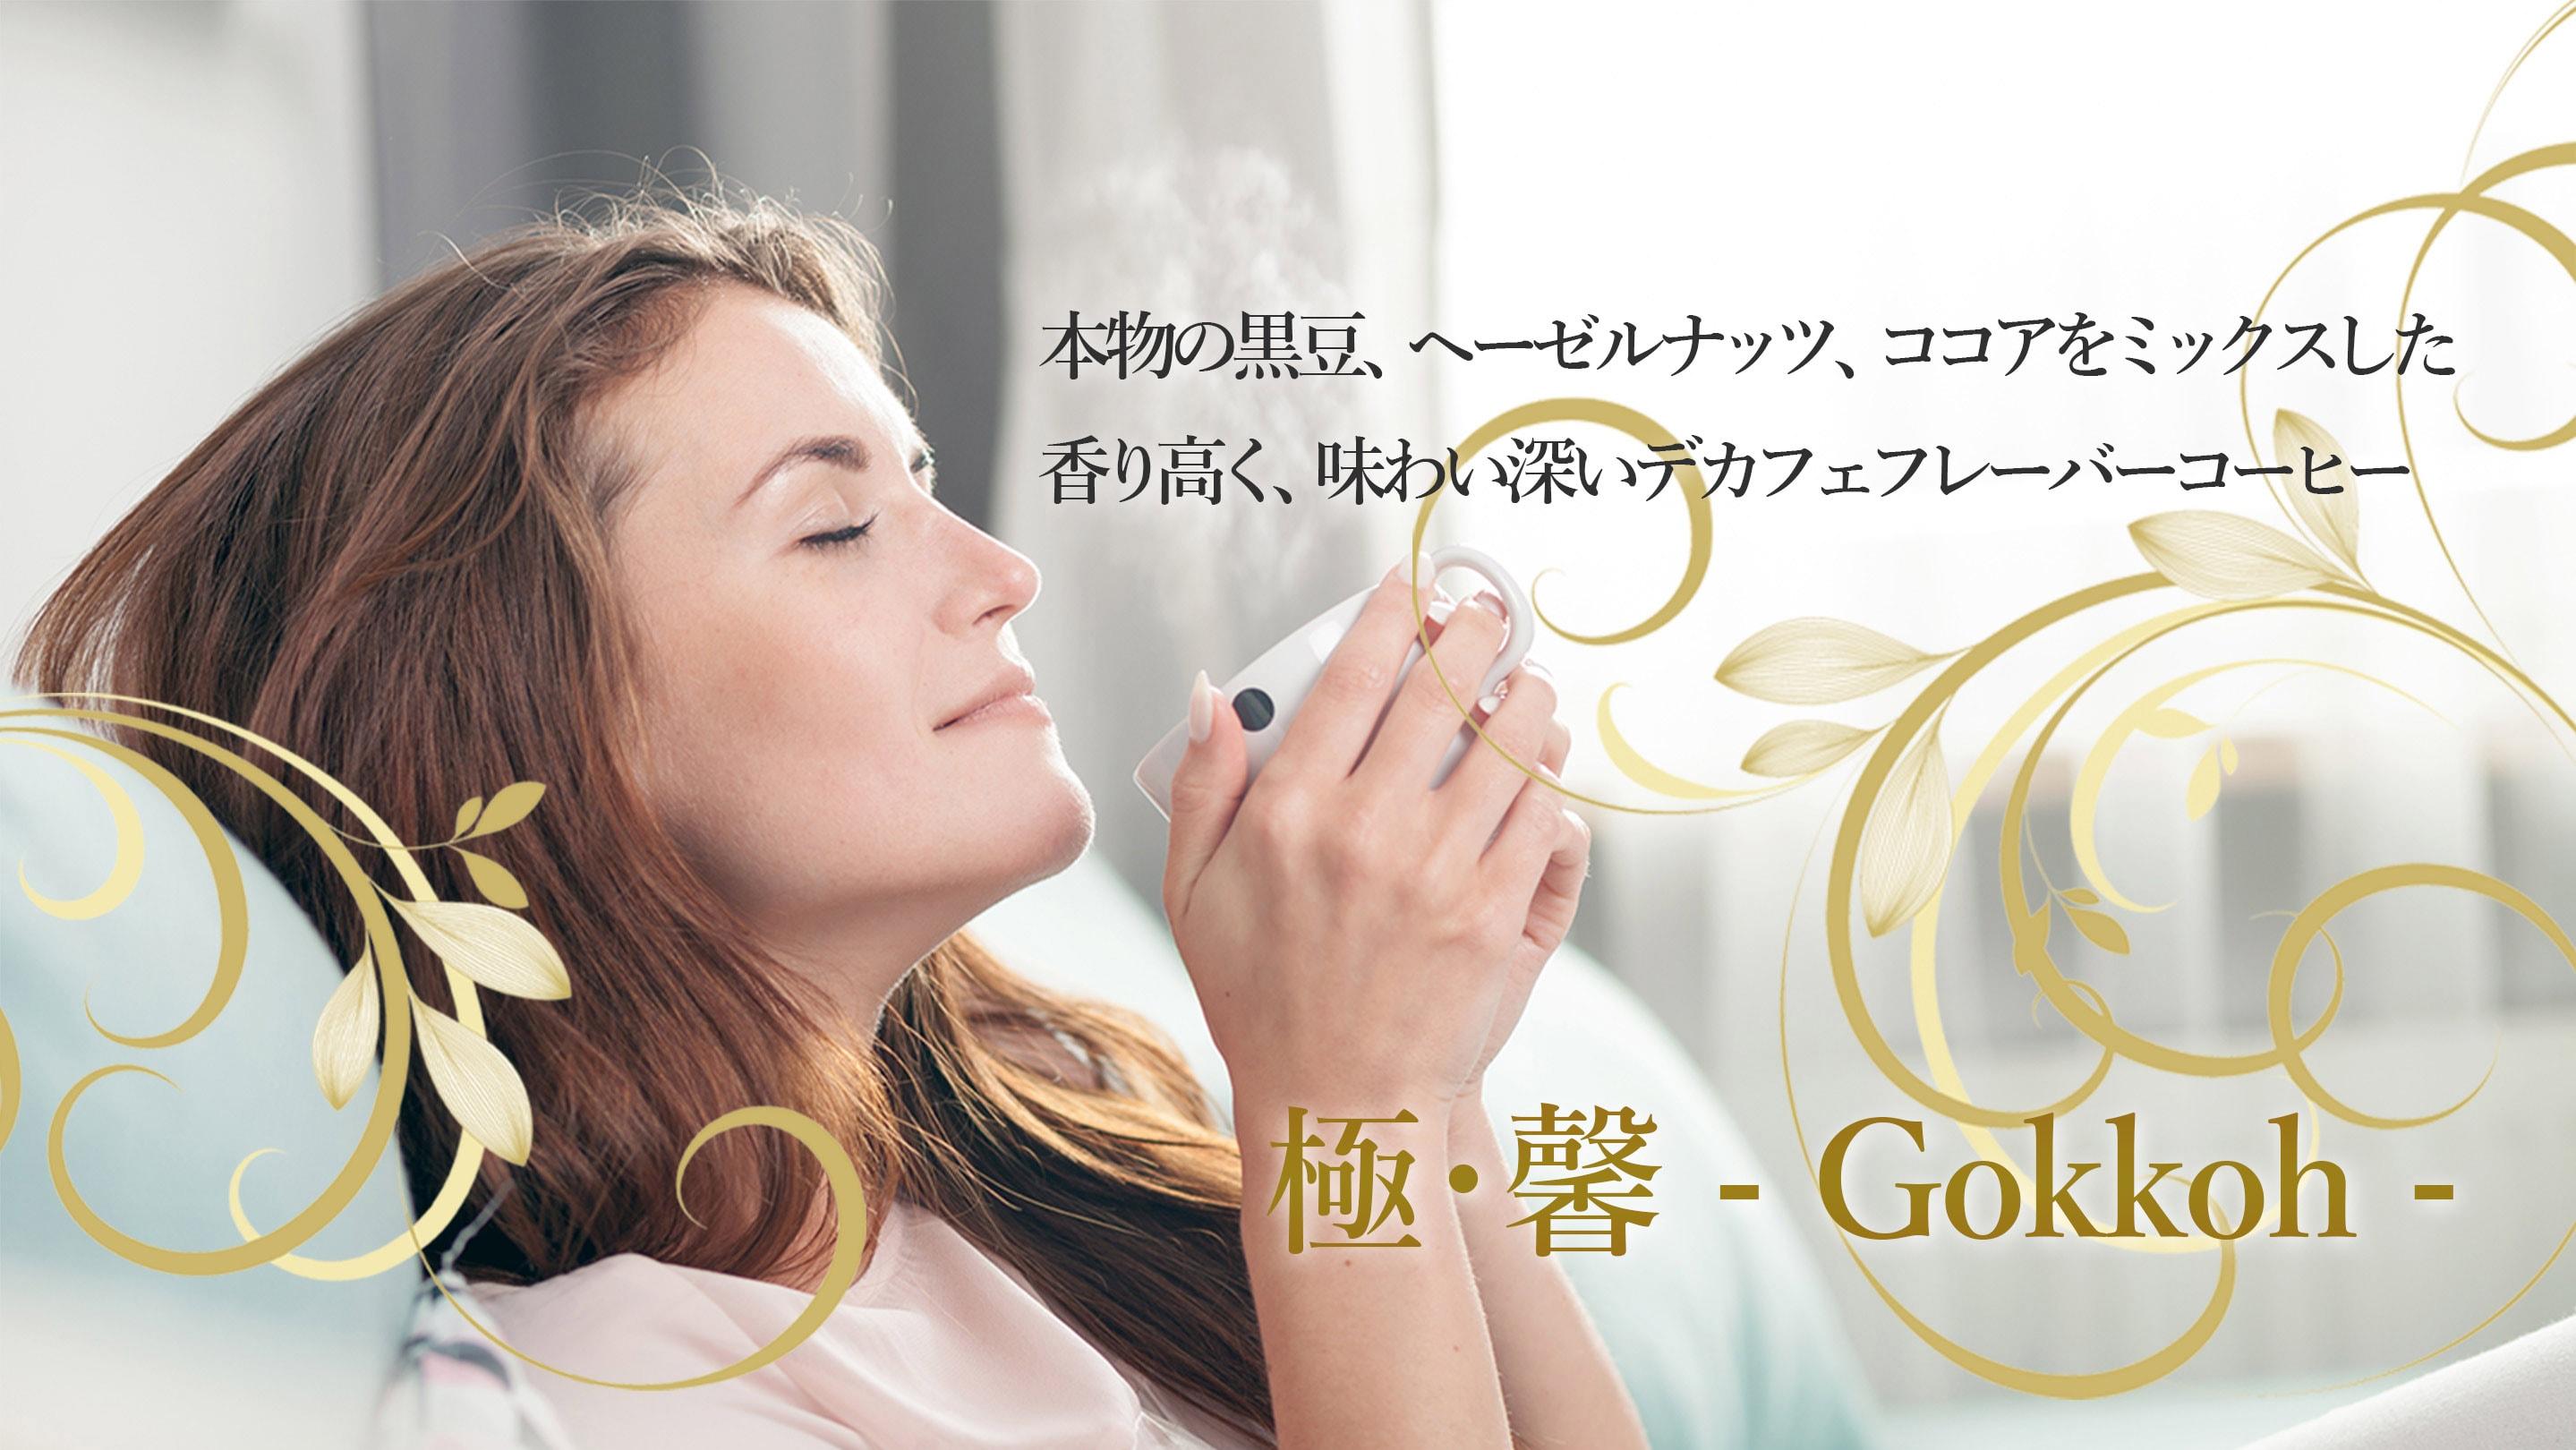 極馨 - Gokkoh - ★デカフェフレーバーコーヒー(販売者:RelatyLS社